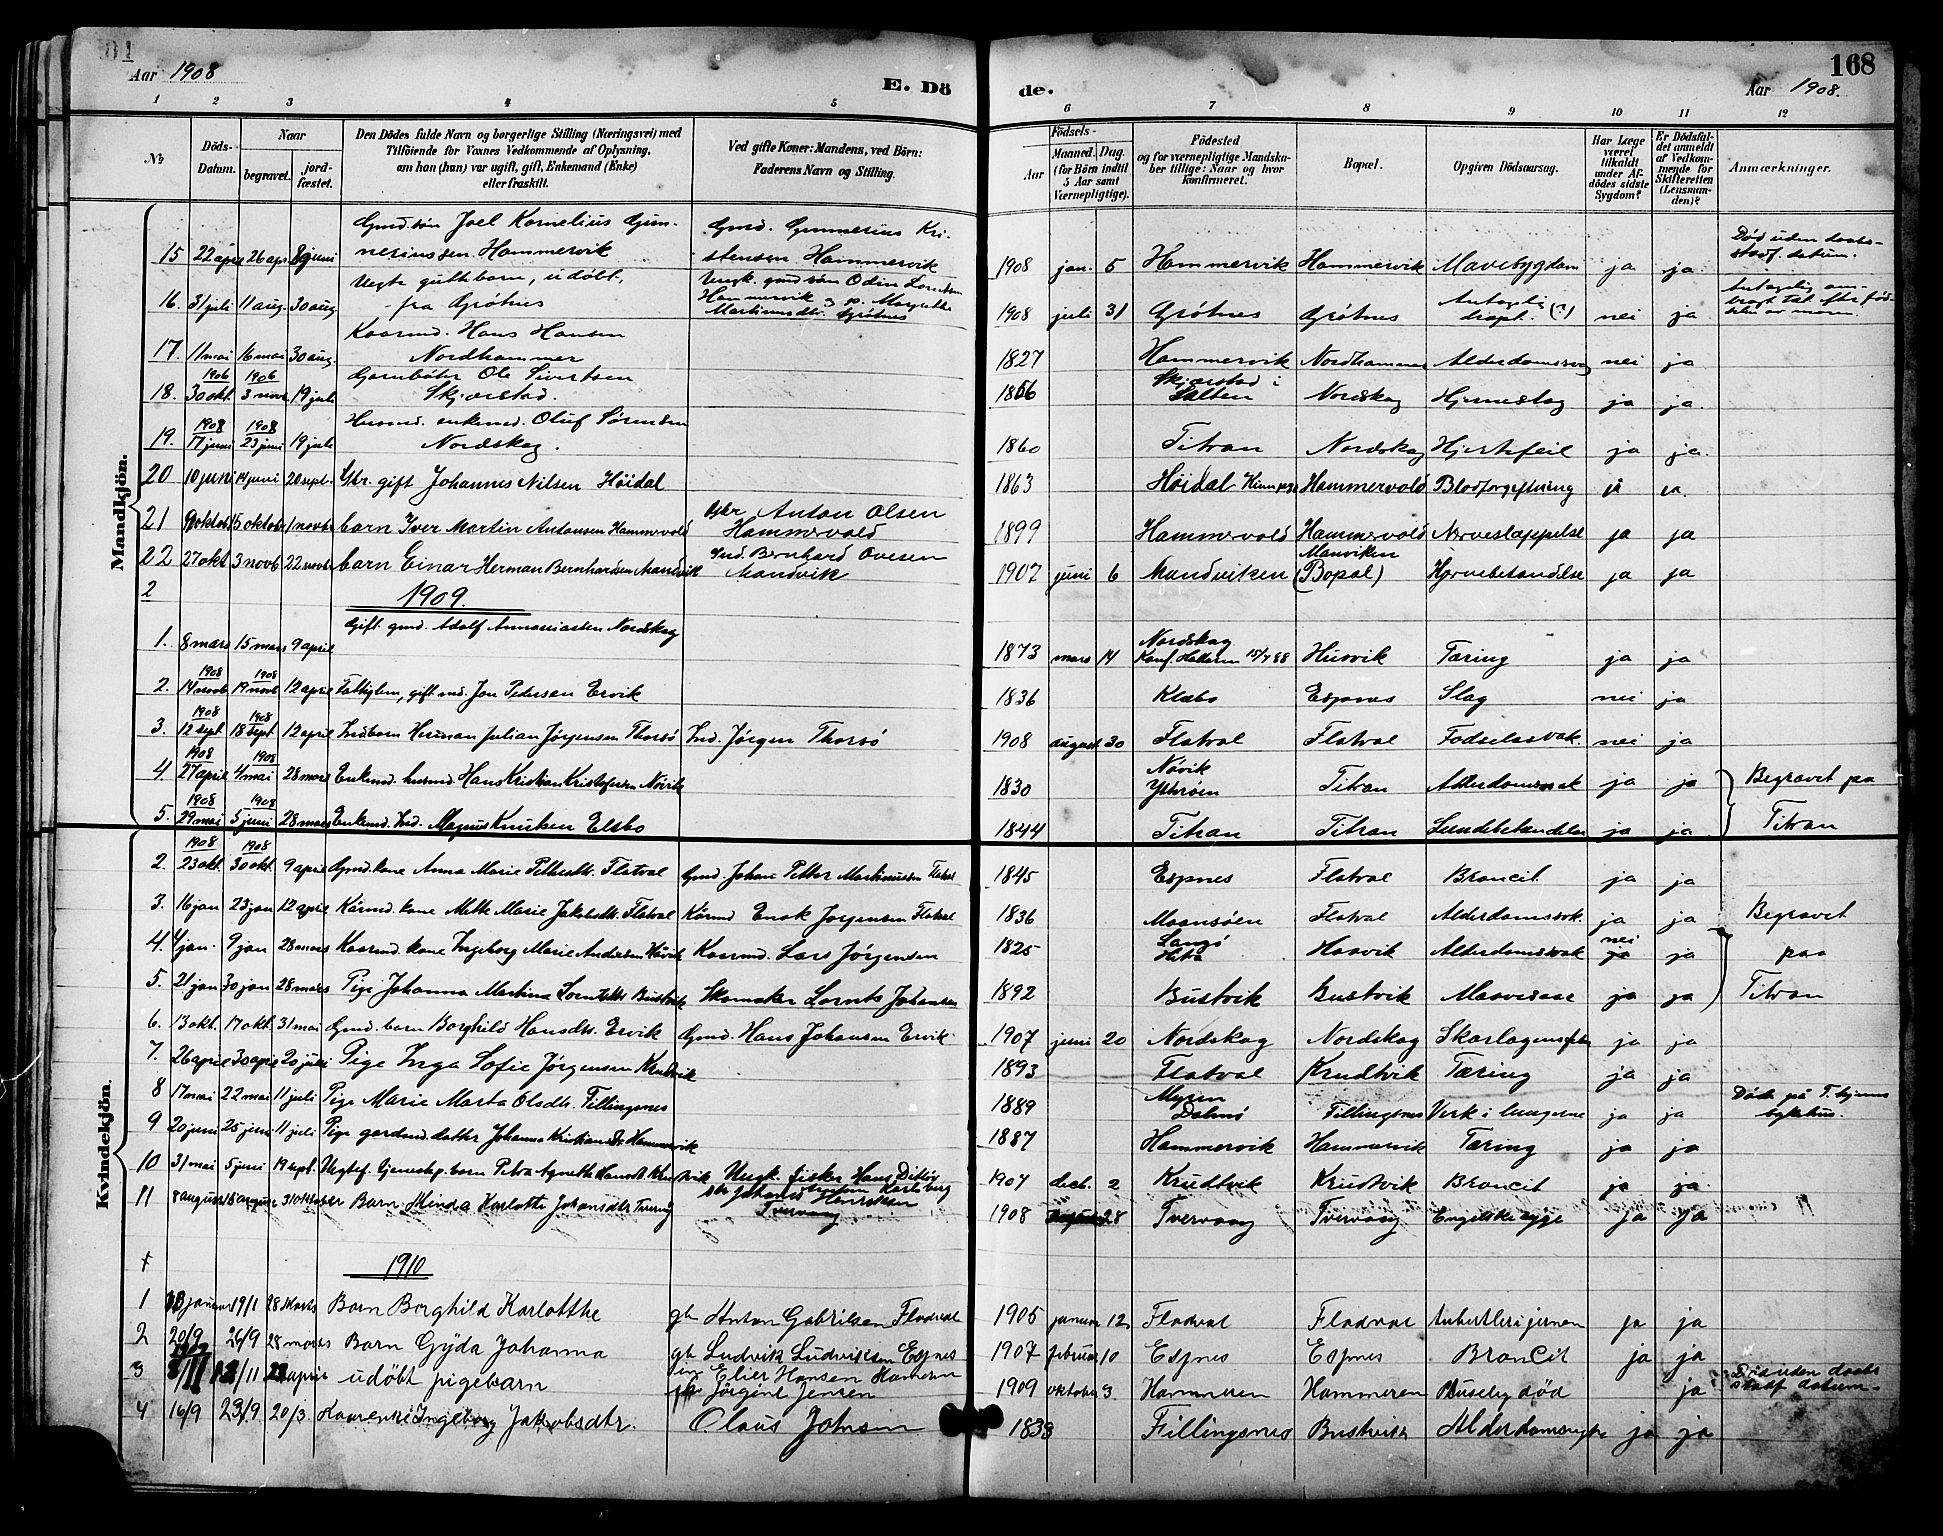 SAT, Ministerialprotokoller, klokkerbøker og fødselsregistre - Sør-Trøndelag, 641/L0598: Klokkerbok nr. 641C02, 1893-1910, s. 168